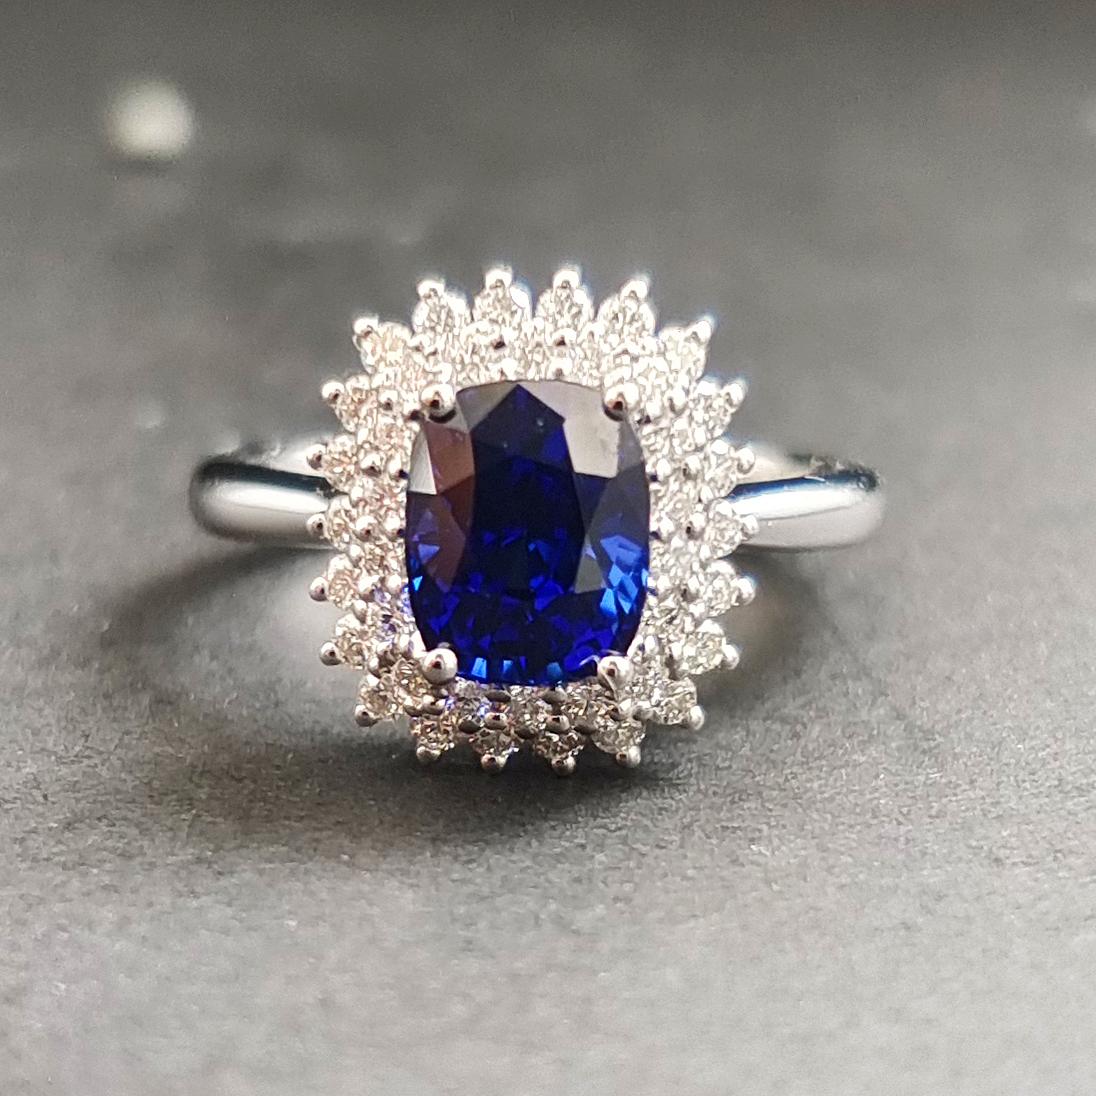 【【戒指】18K金+蓝宝石+钻石 宝石颜色纯正 主石:2.54ct/P 货重:4.74g 手寸:15寸】图2